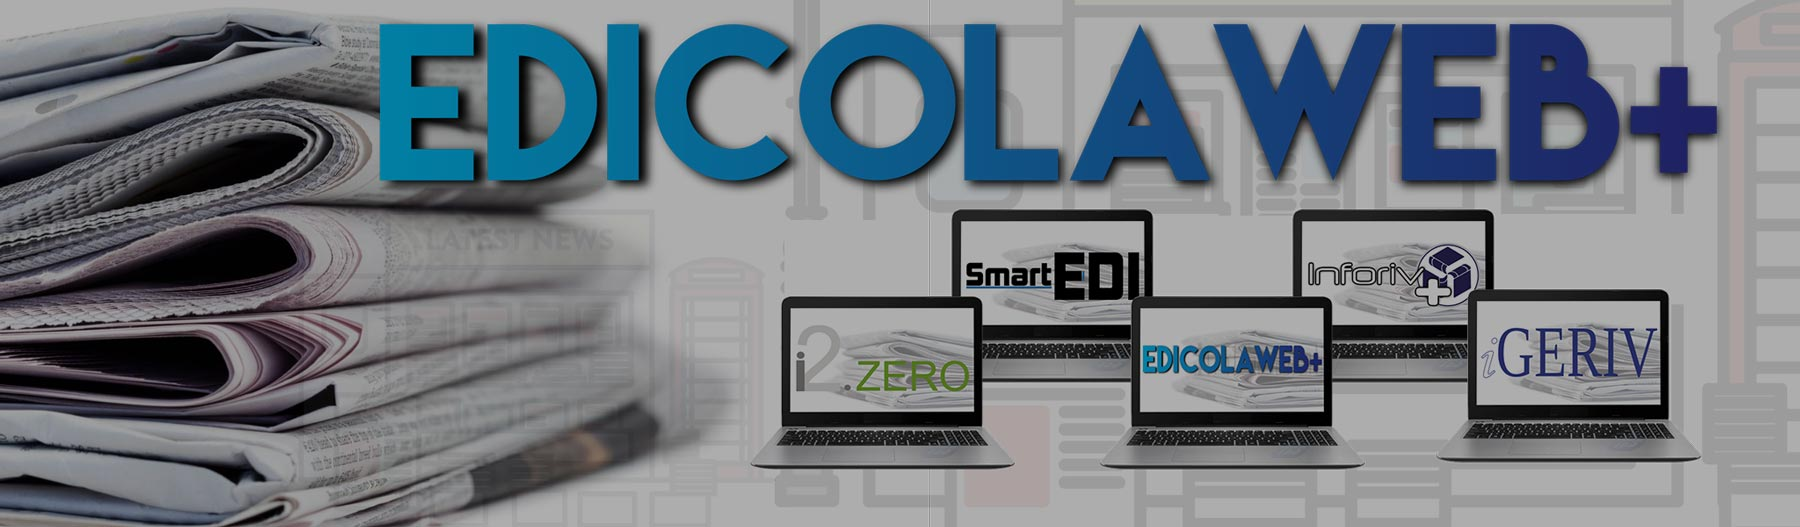 Edicola Web Plus